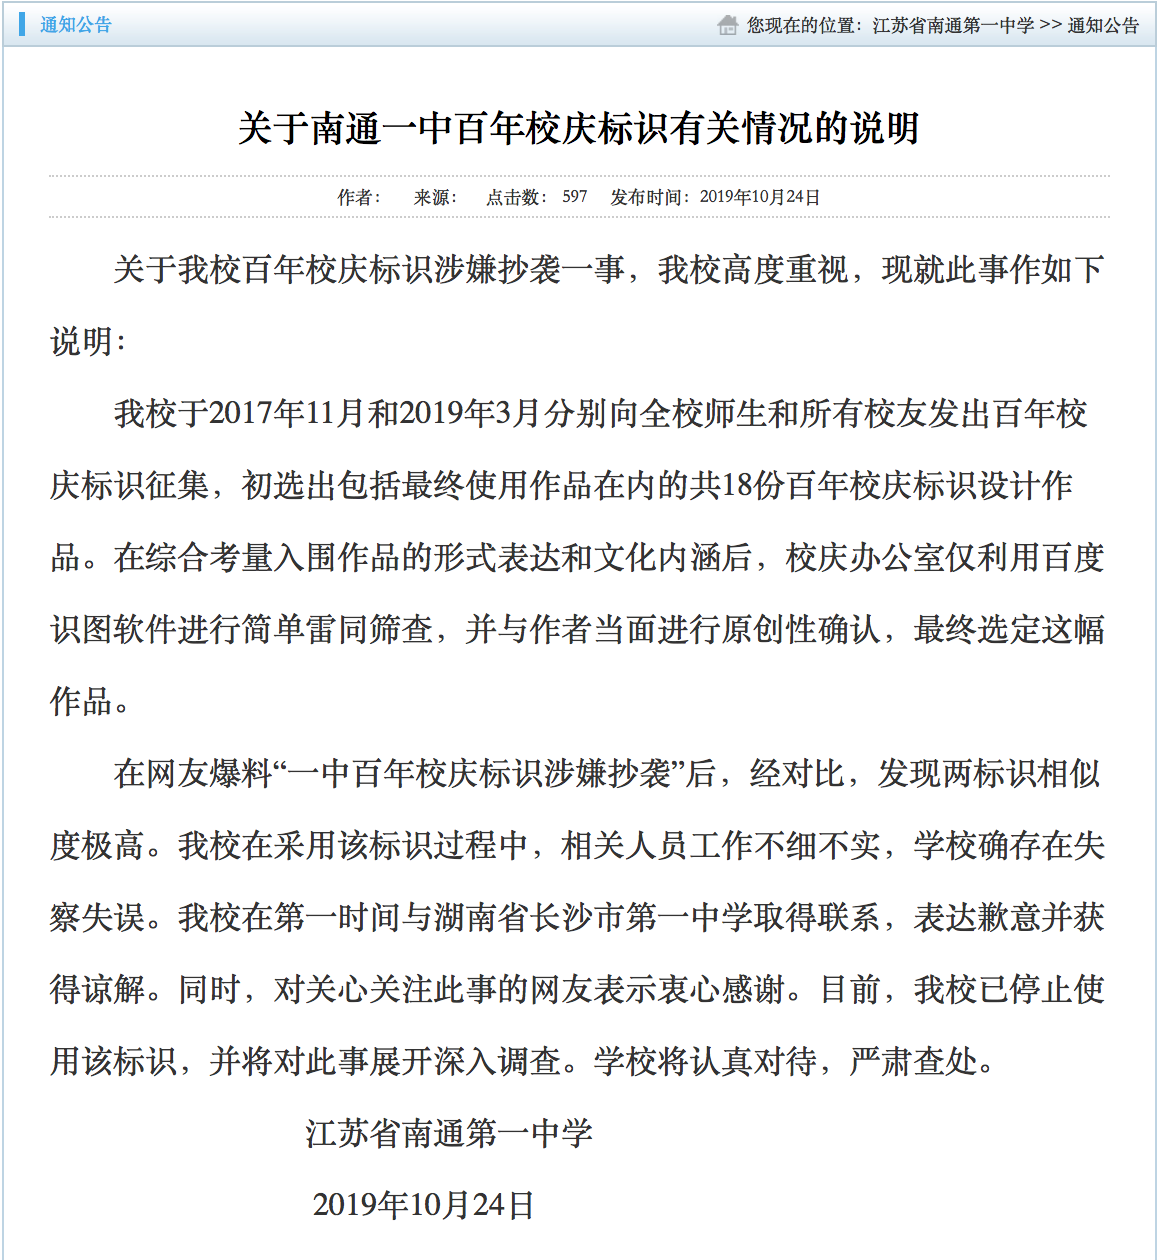 斯博国际注册账号要写名字,美国的滑翔制导迫击炮弹很先进,中国想要造出来也不算是一件难事